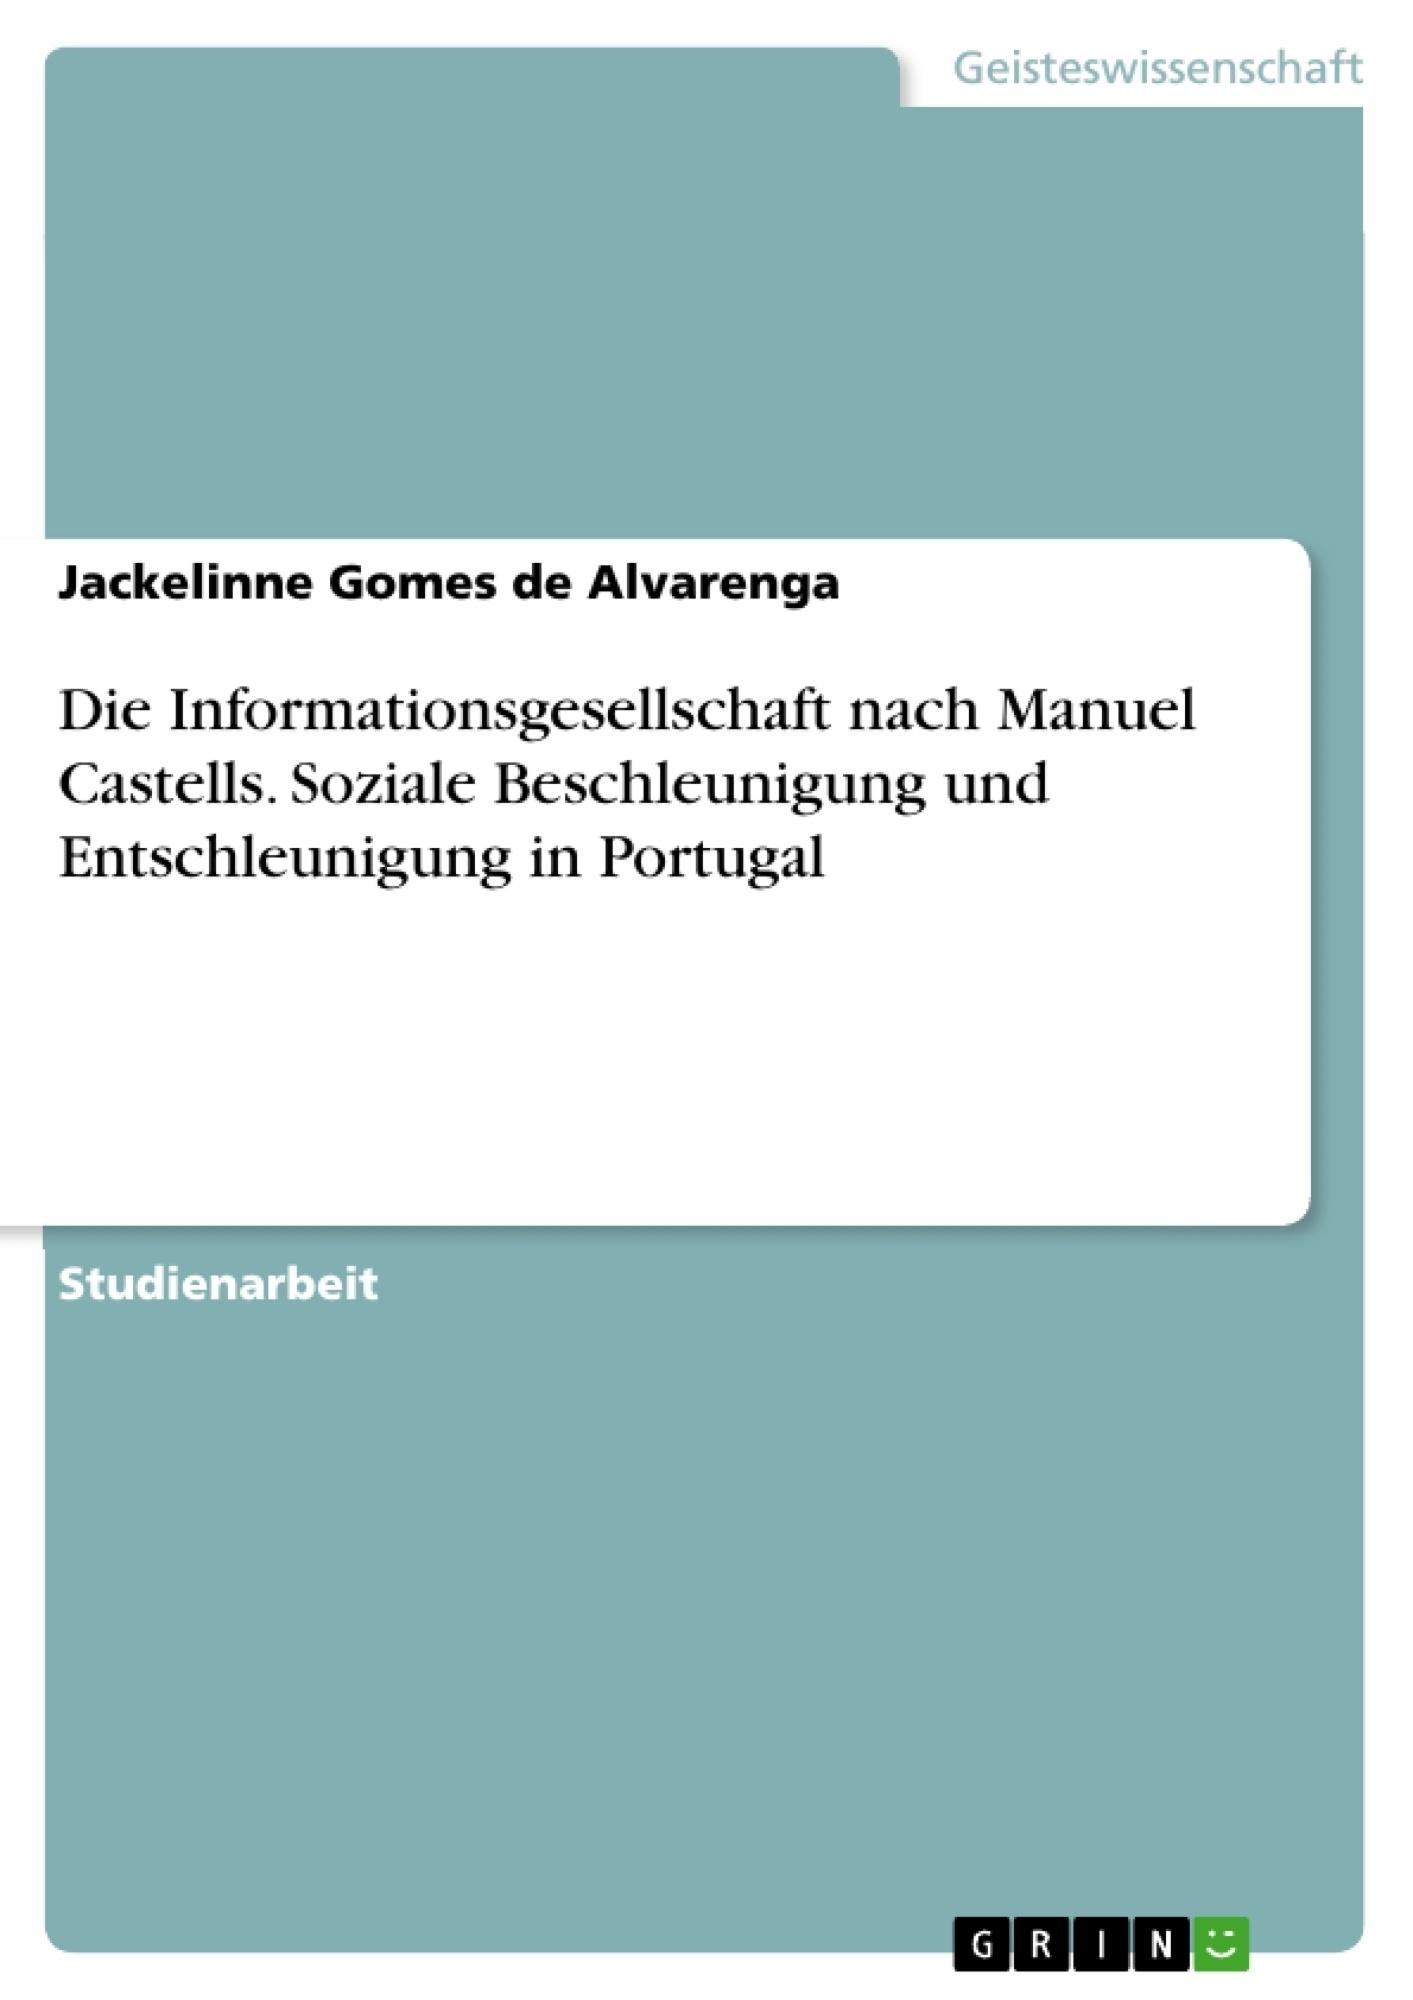 Titel: Die Informationsgesellschaft nach Manuel Castells. Soziale Beschleunigung und Entschleunigung in Portugal